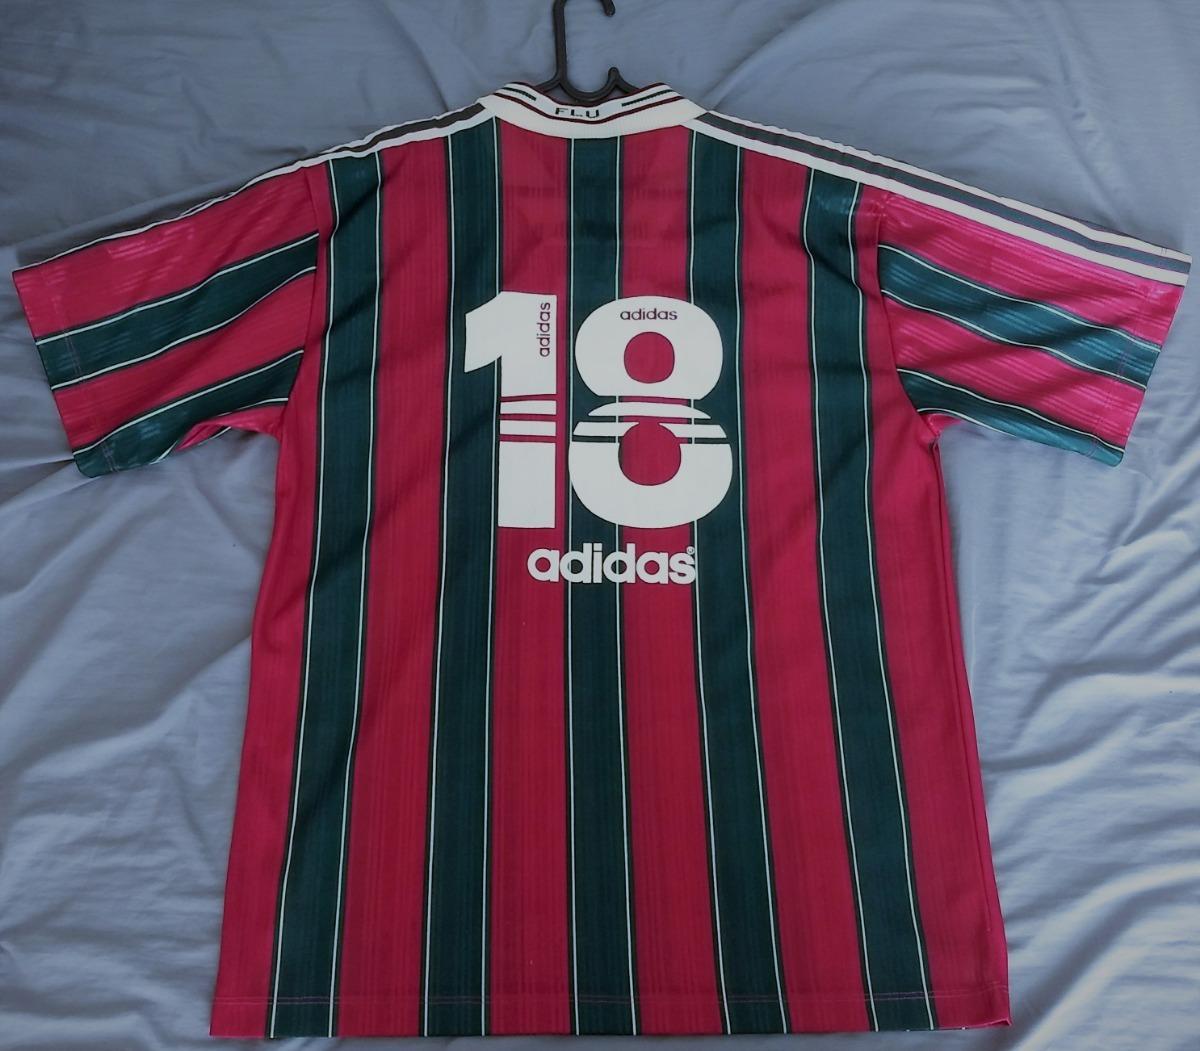 camisa fluminense adidas 1996 de jogo  18 sem patrocinio. Carregando zoom. 879119e3baab4